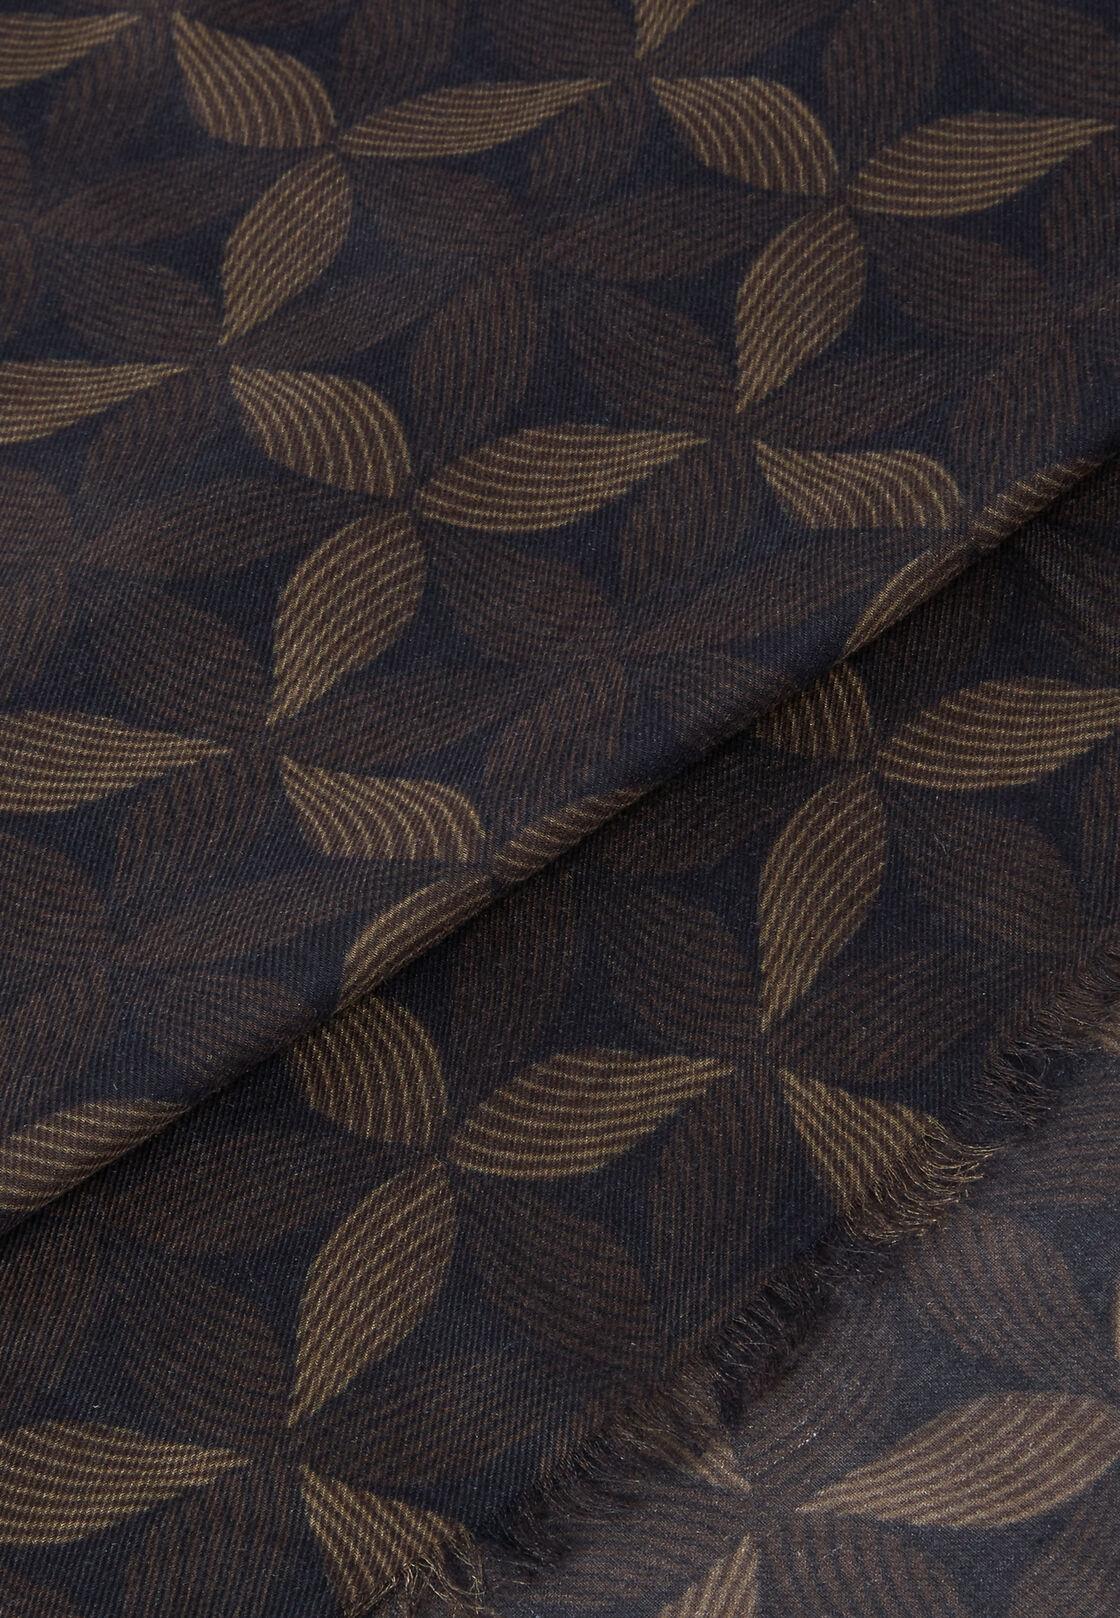 Schal modal kaschmir blätter-print, Braun, hi-res